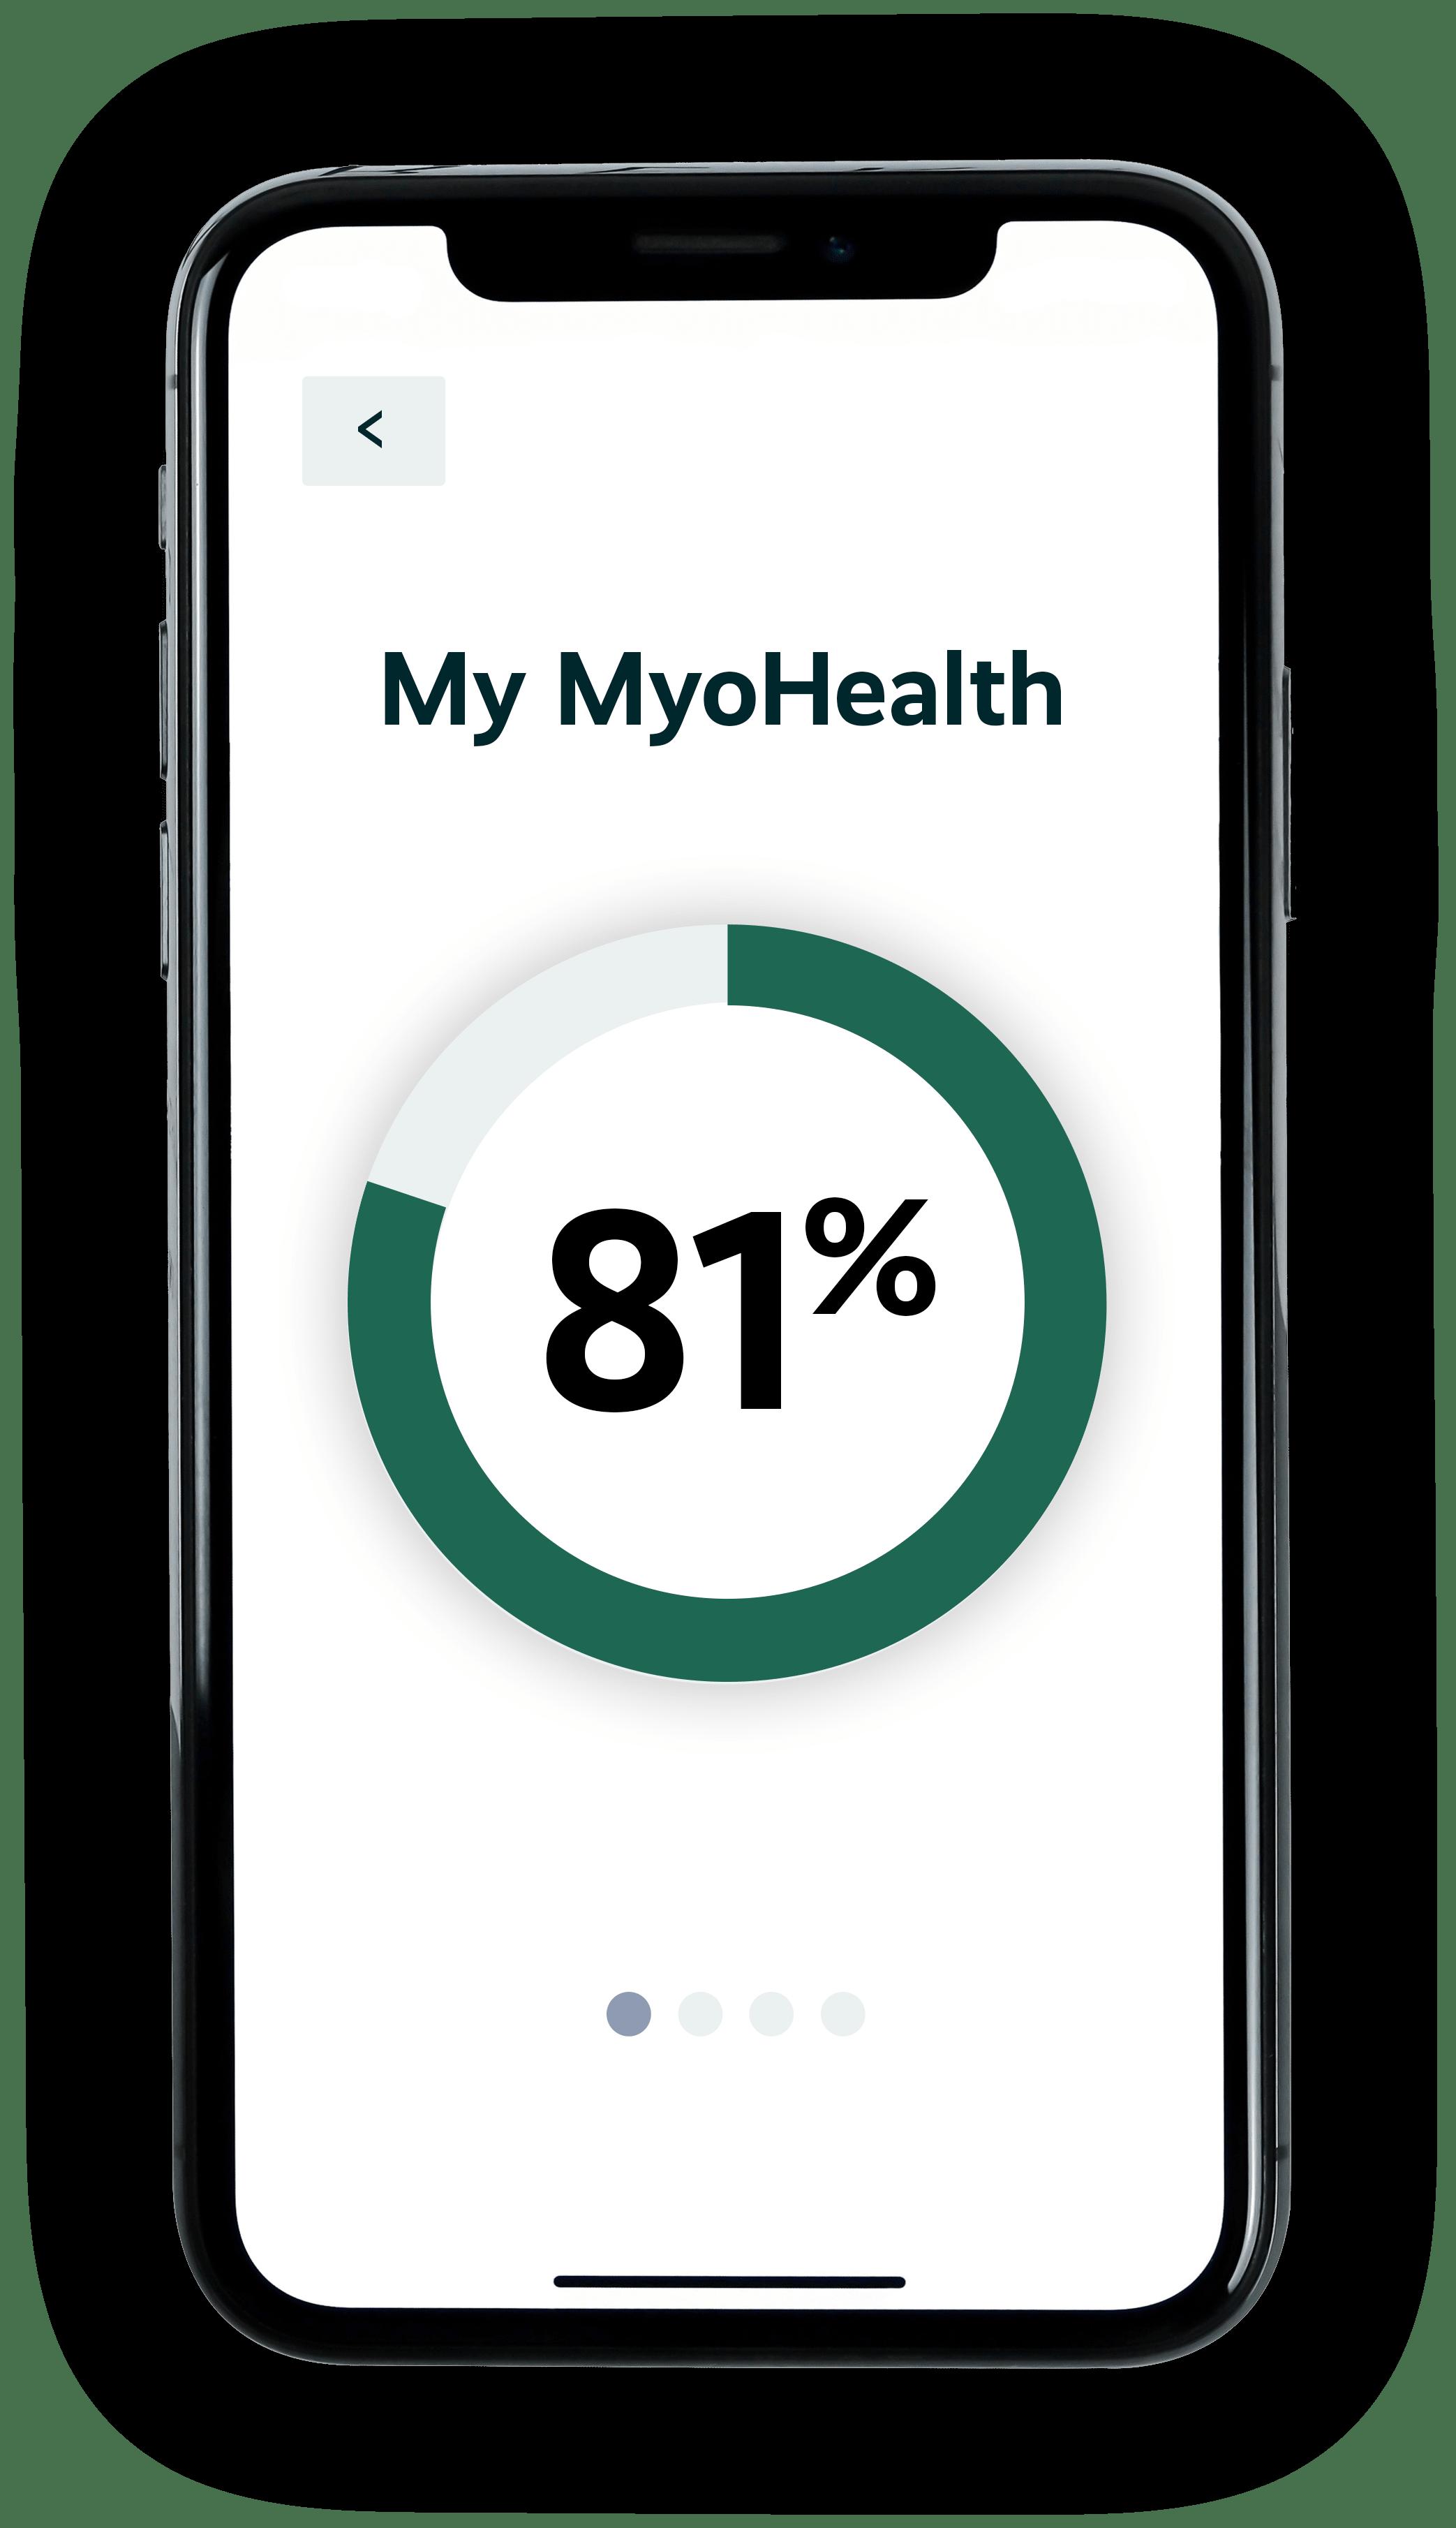 myohealth patient score on mobile phone app